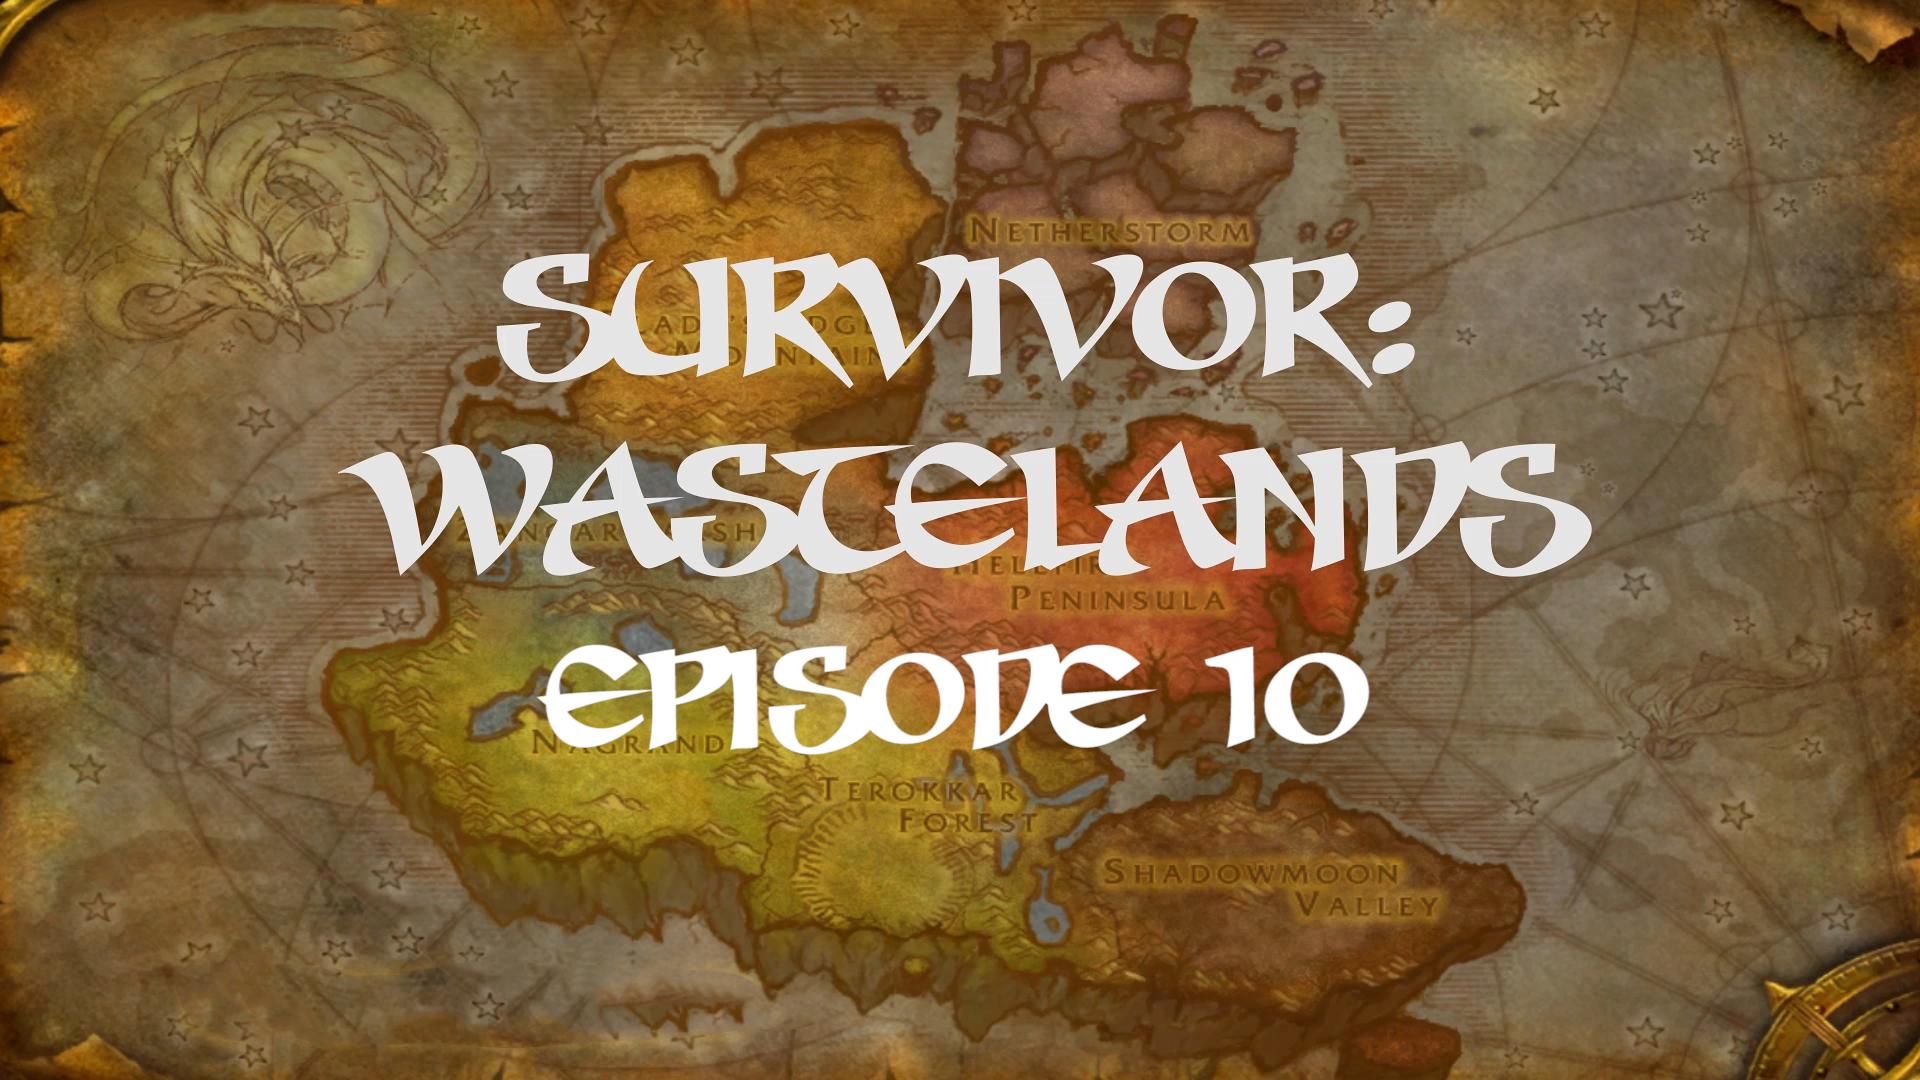 Survivor Wastelands Episode 10.jpg